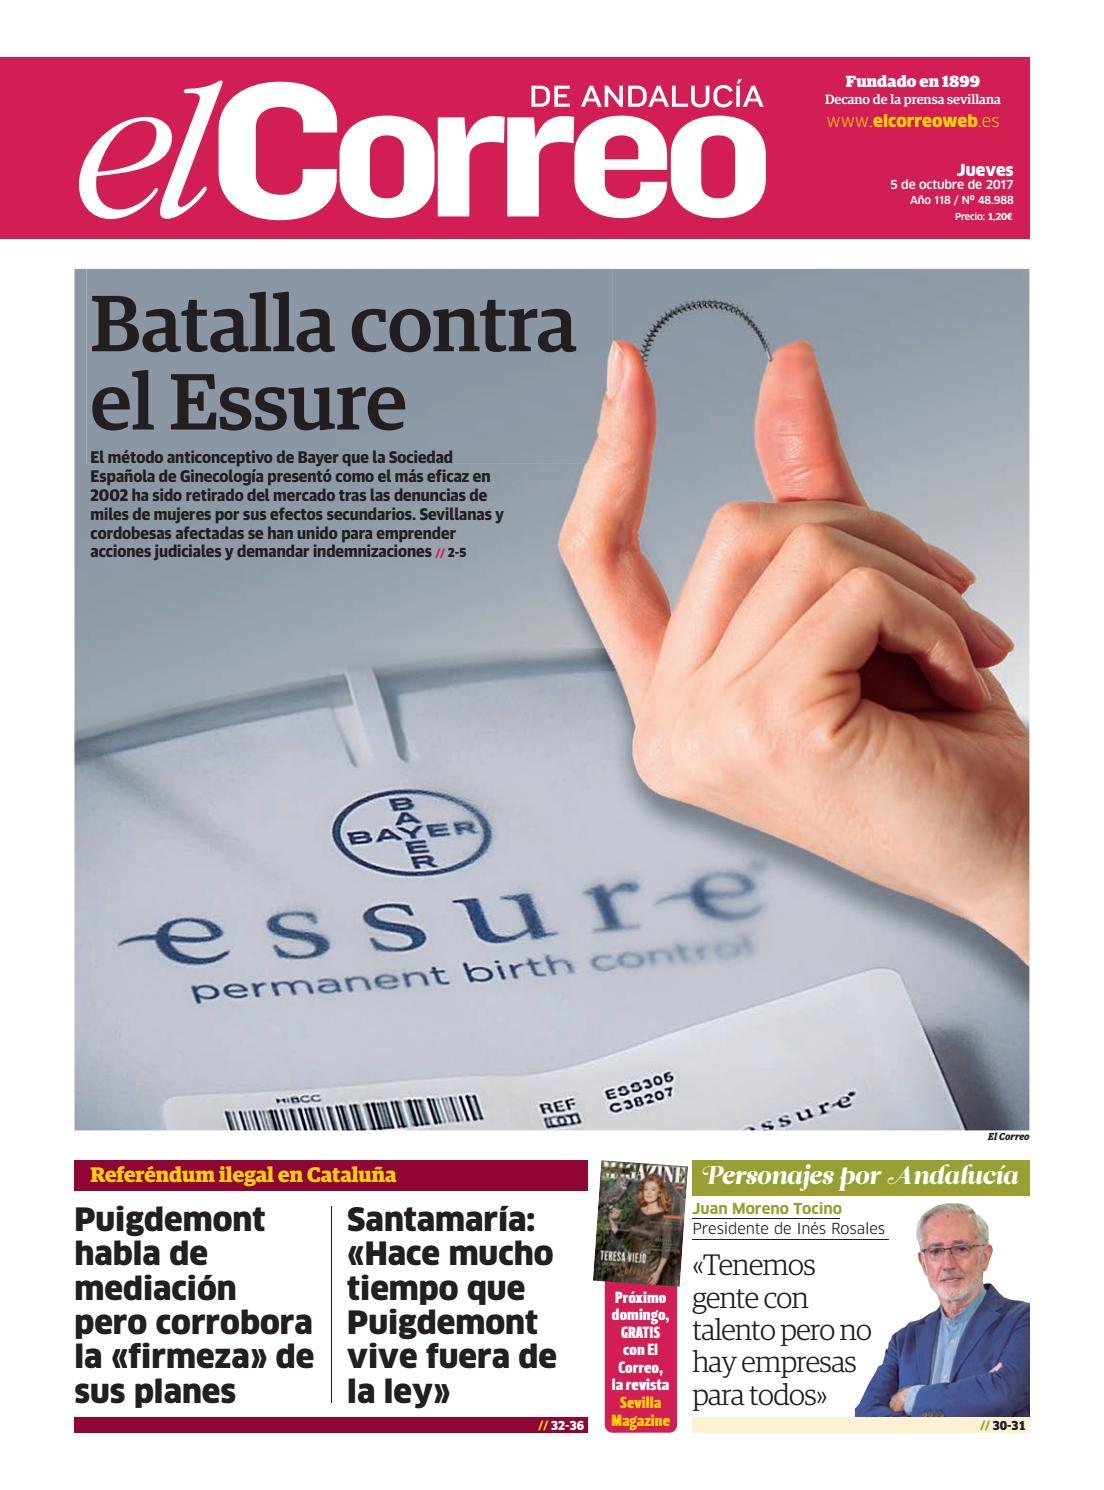 5524a4de76eea 05.10.2017 El Correo de Andalucía by EL CORREO DE ANDALUCÍA S.L. - issuu